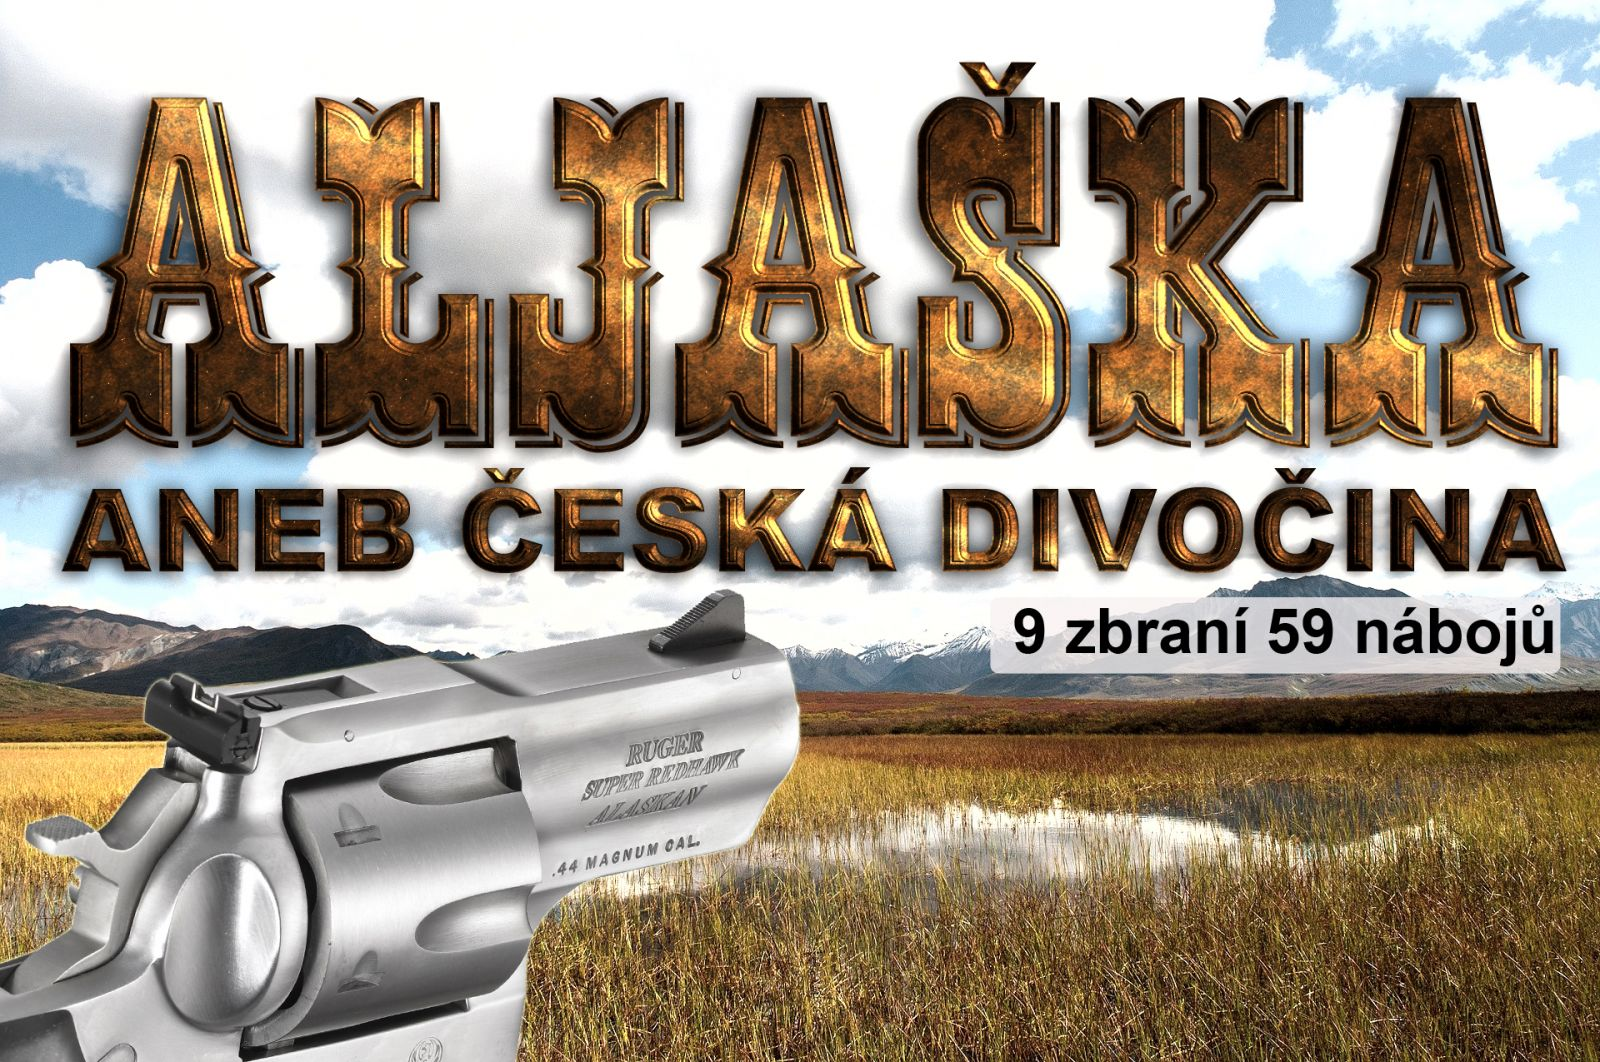 Aljaška, aneb česká divočina